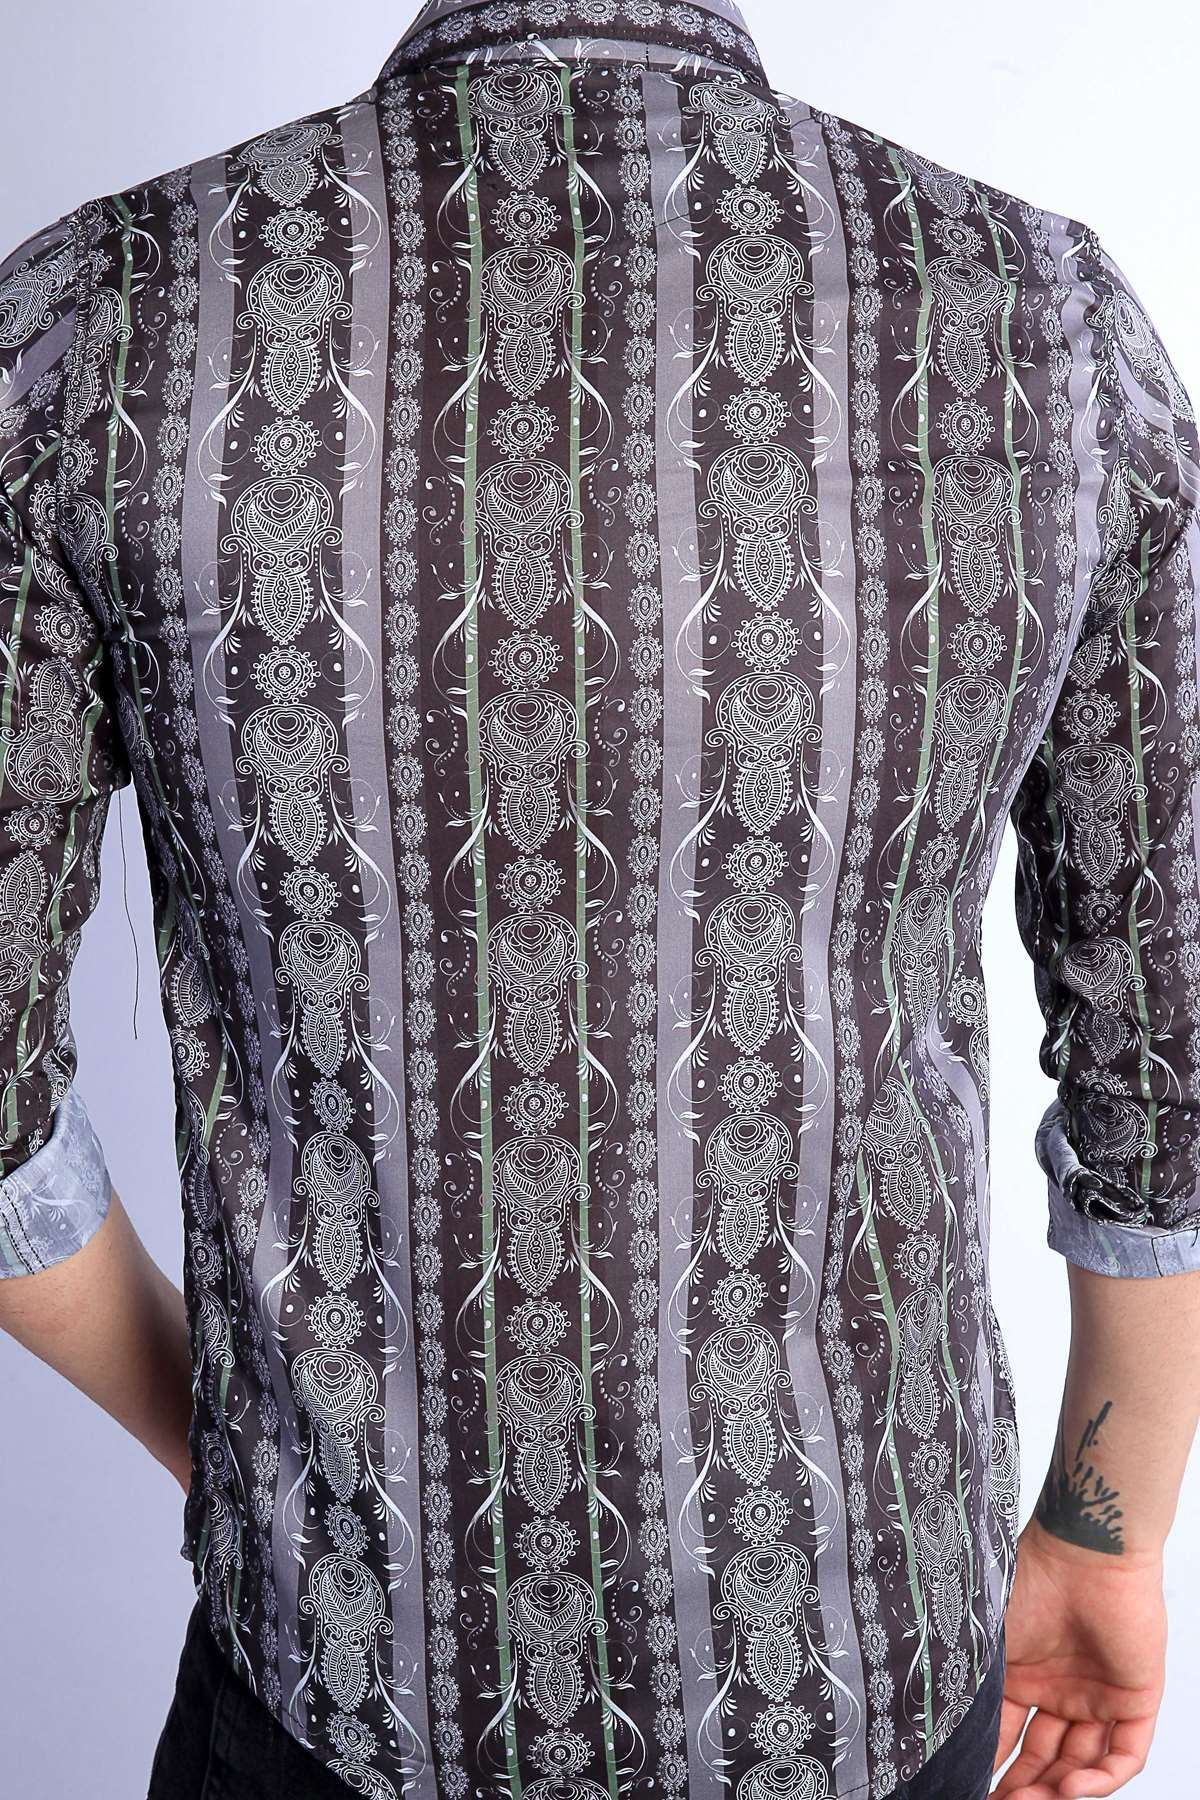 Şal Desenli Boyuna Şeritli Dijital Baskı Slim Fit Gömlek Siyah